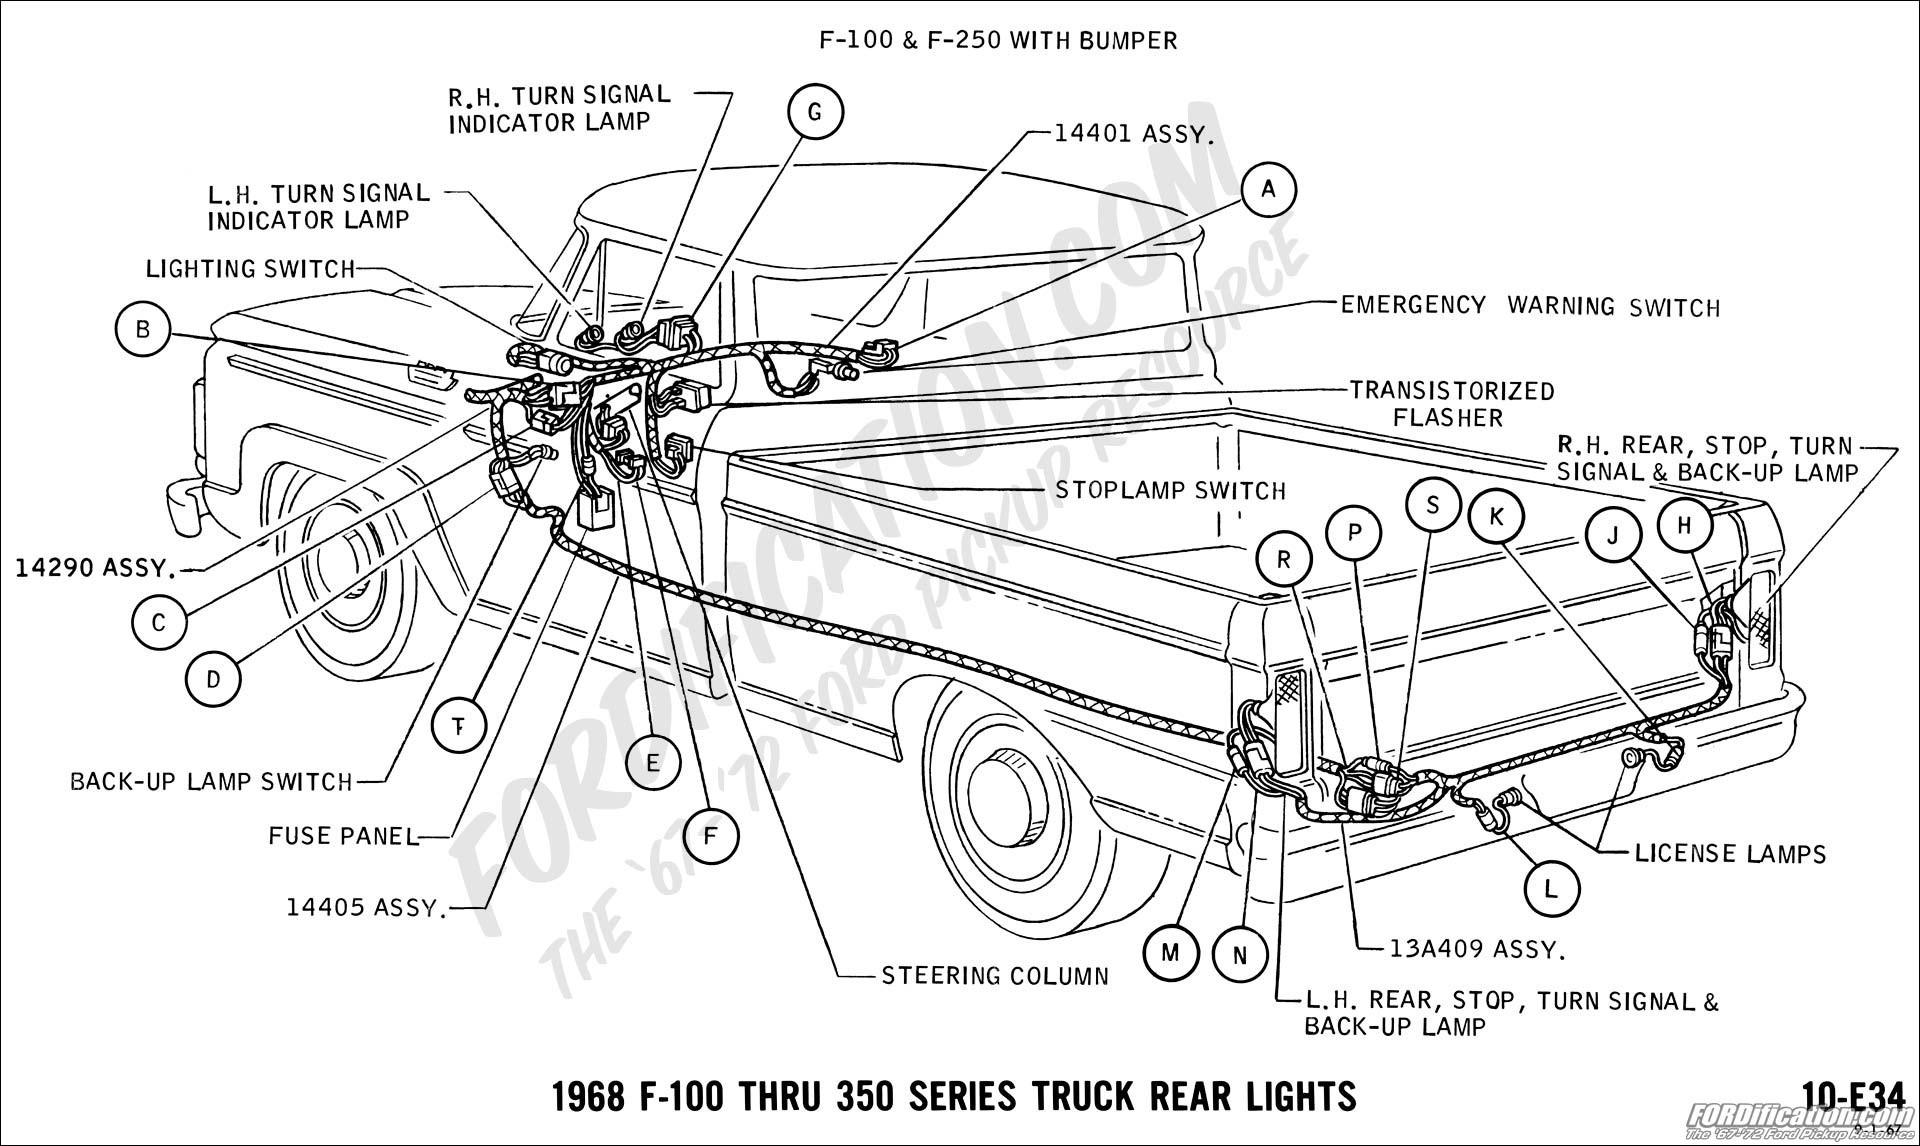 Ford F250 Parts Diagram Zetec Engine Vacuum Wiring 7 3 Vaccum And Schematics Data Of